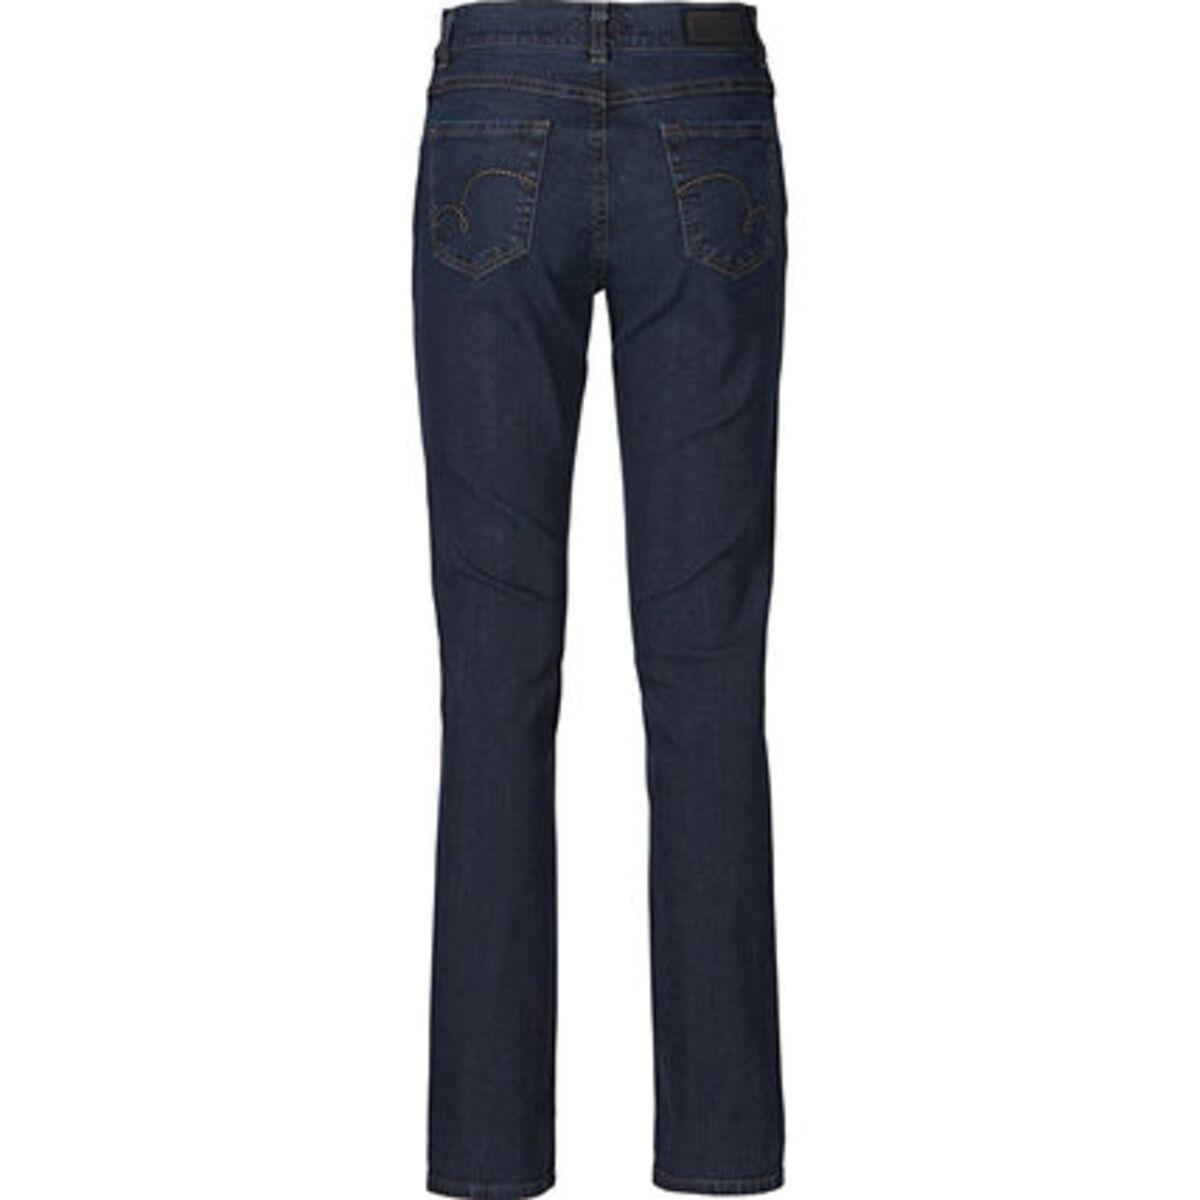 """Bild 2 von Angels Damen Jeans """"Cici"""", dark washed, W38/L32, W38/L32"""